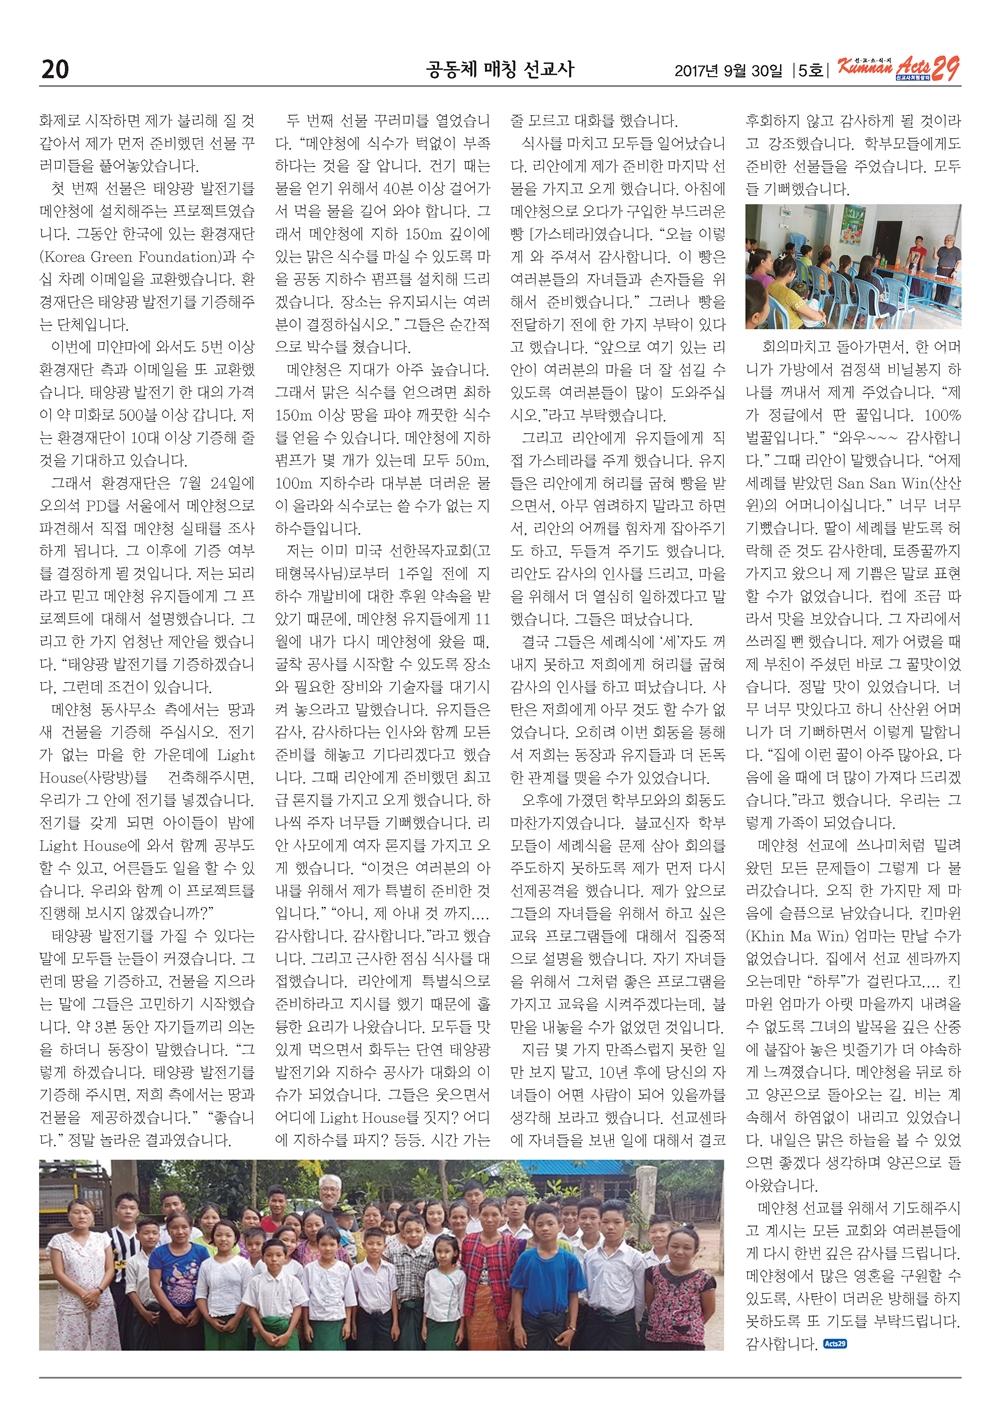 금란선교소식지 5호_Page_20.jpg